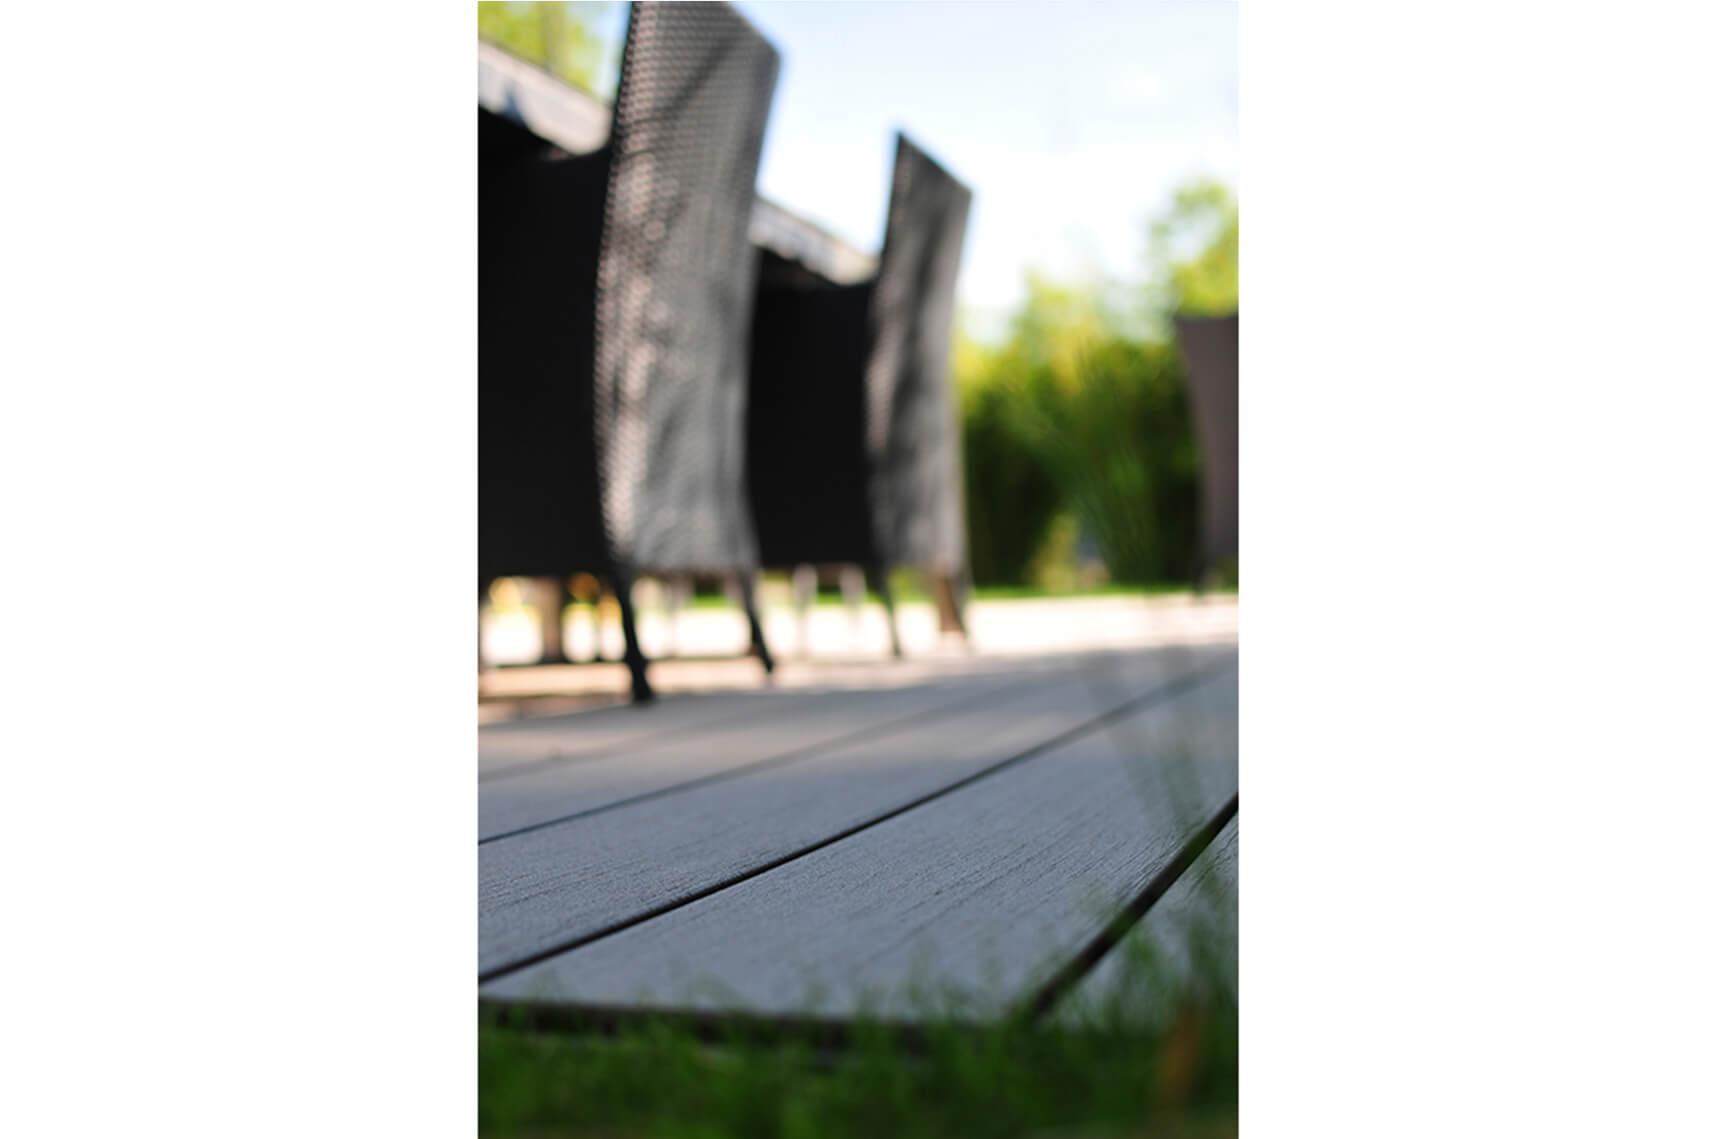 paysagiste aménagement terrasse en bois pots de fleurs bambou verdure elligue mickael (2)